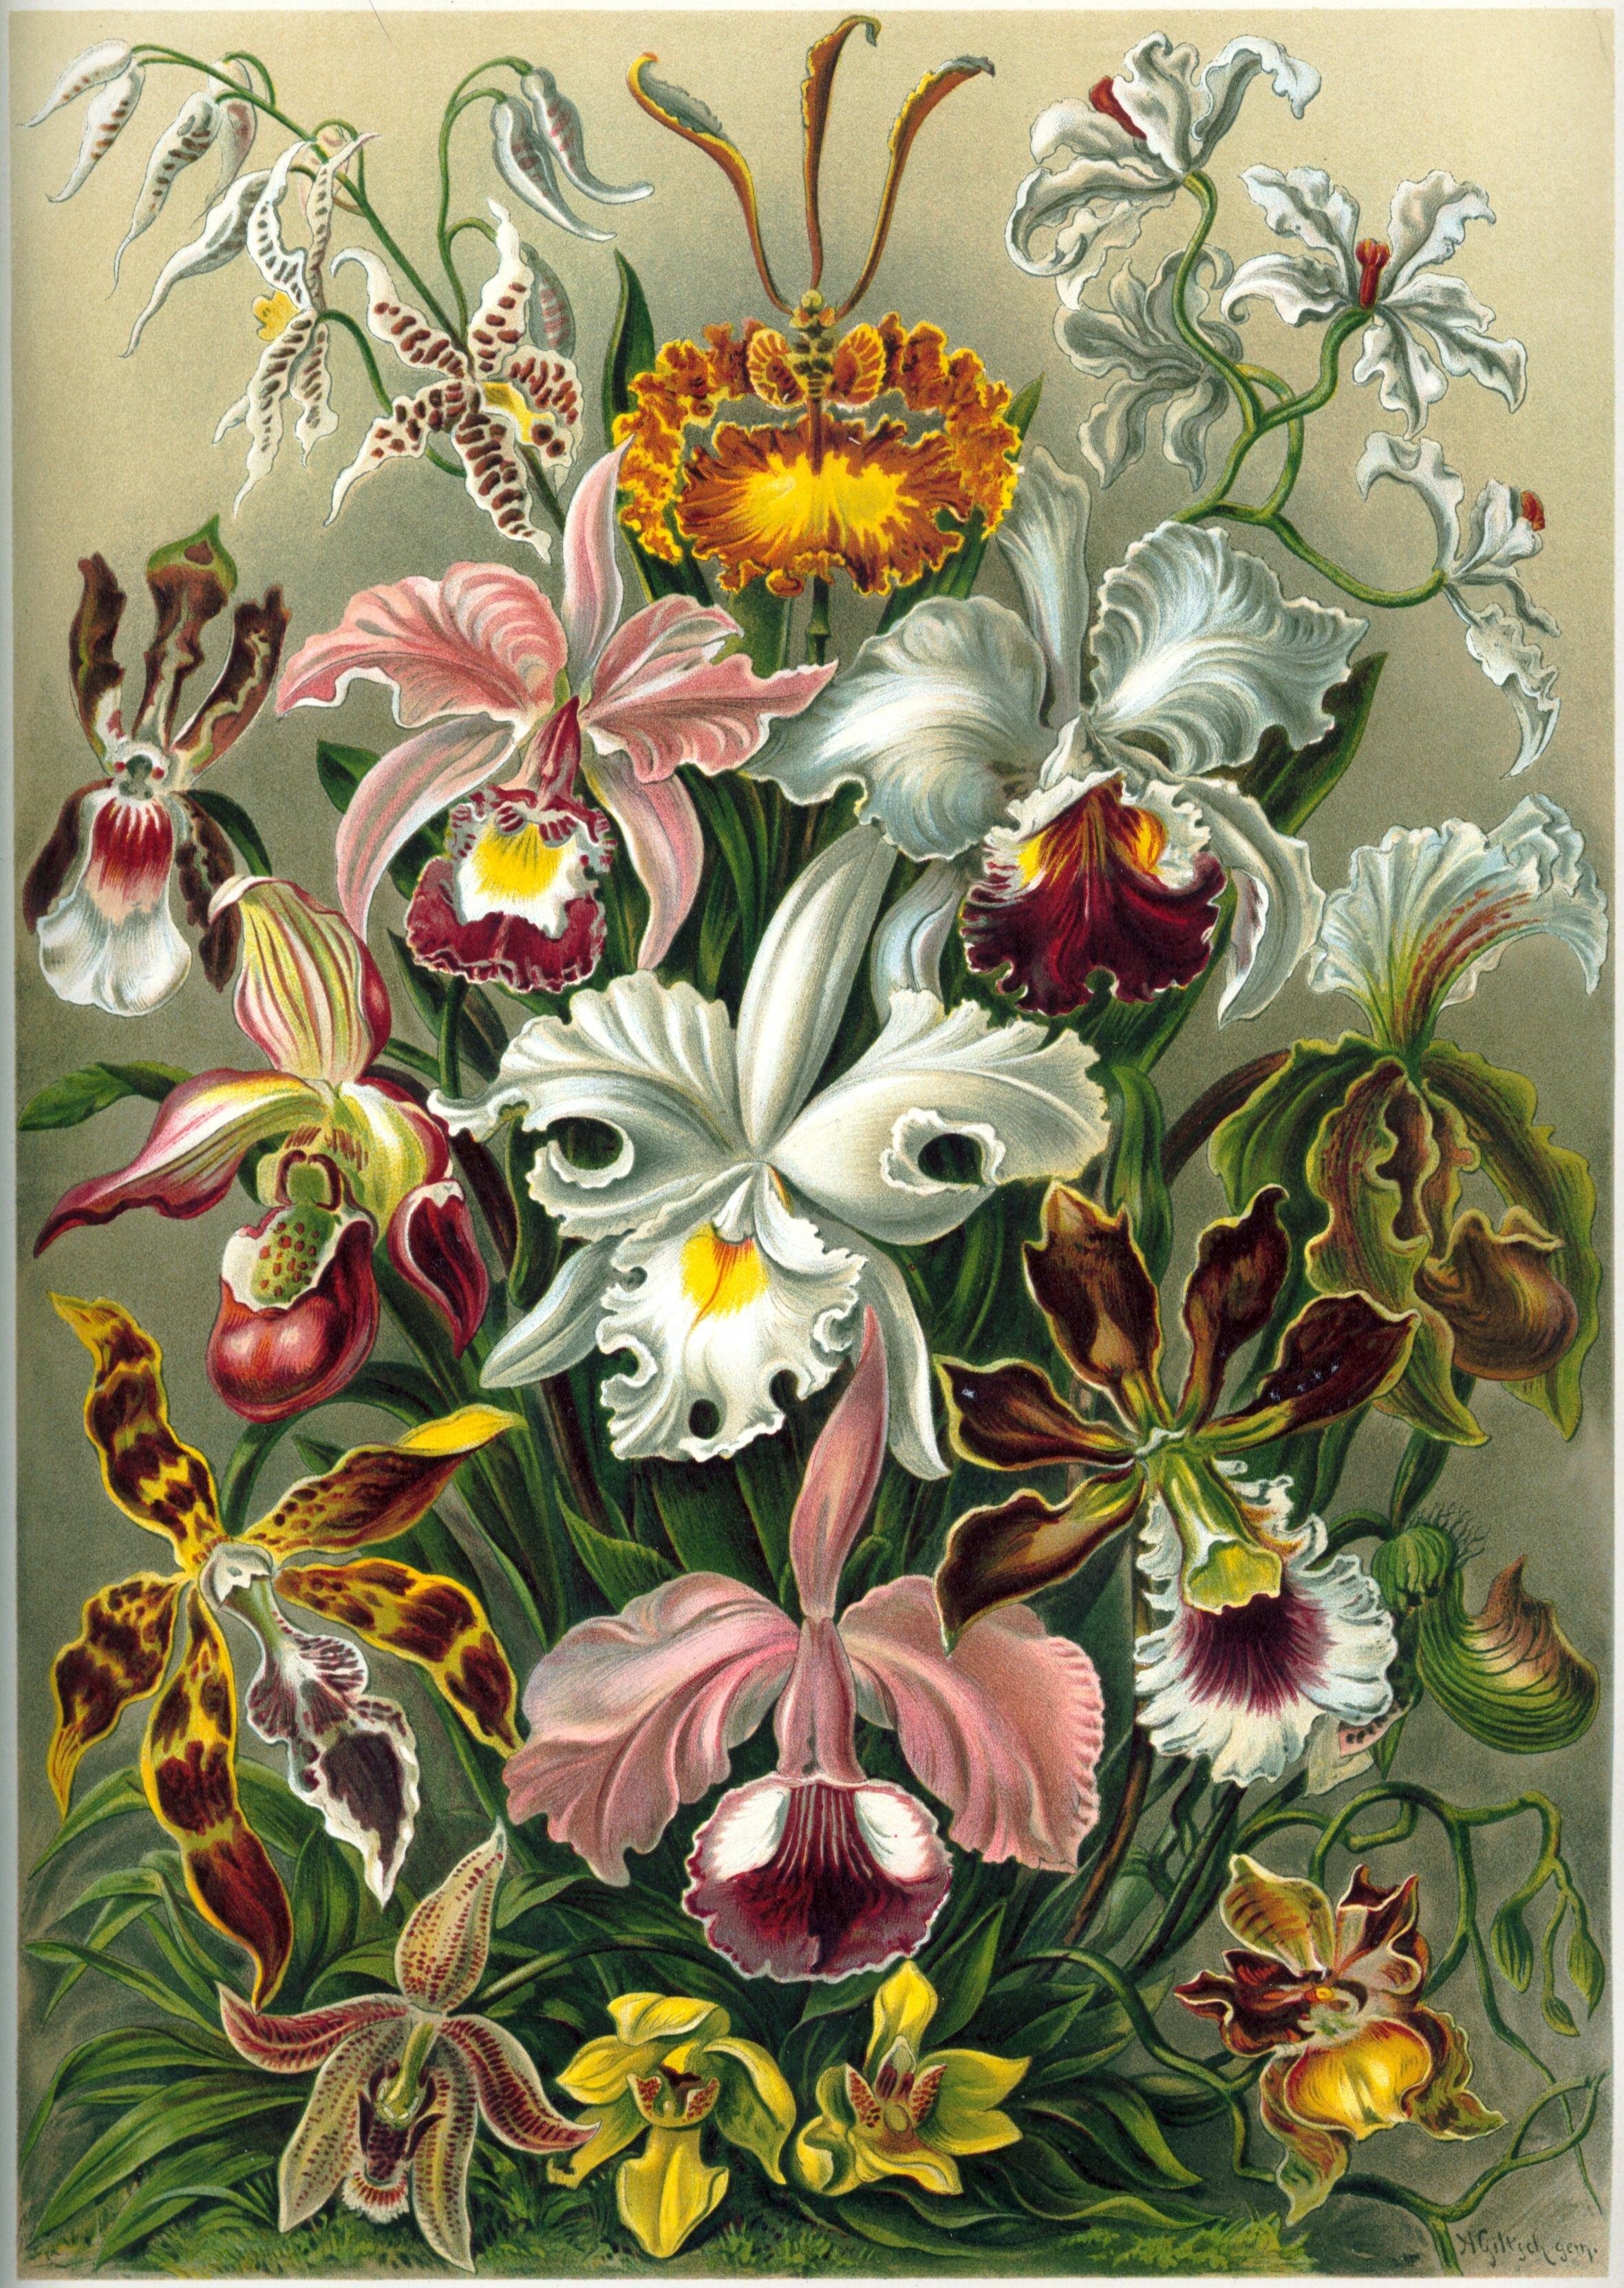 Orchid diversity illustrated by  Ernst Haeckel in  Kunstformen der Natur of 1899 .